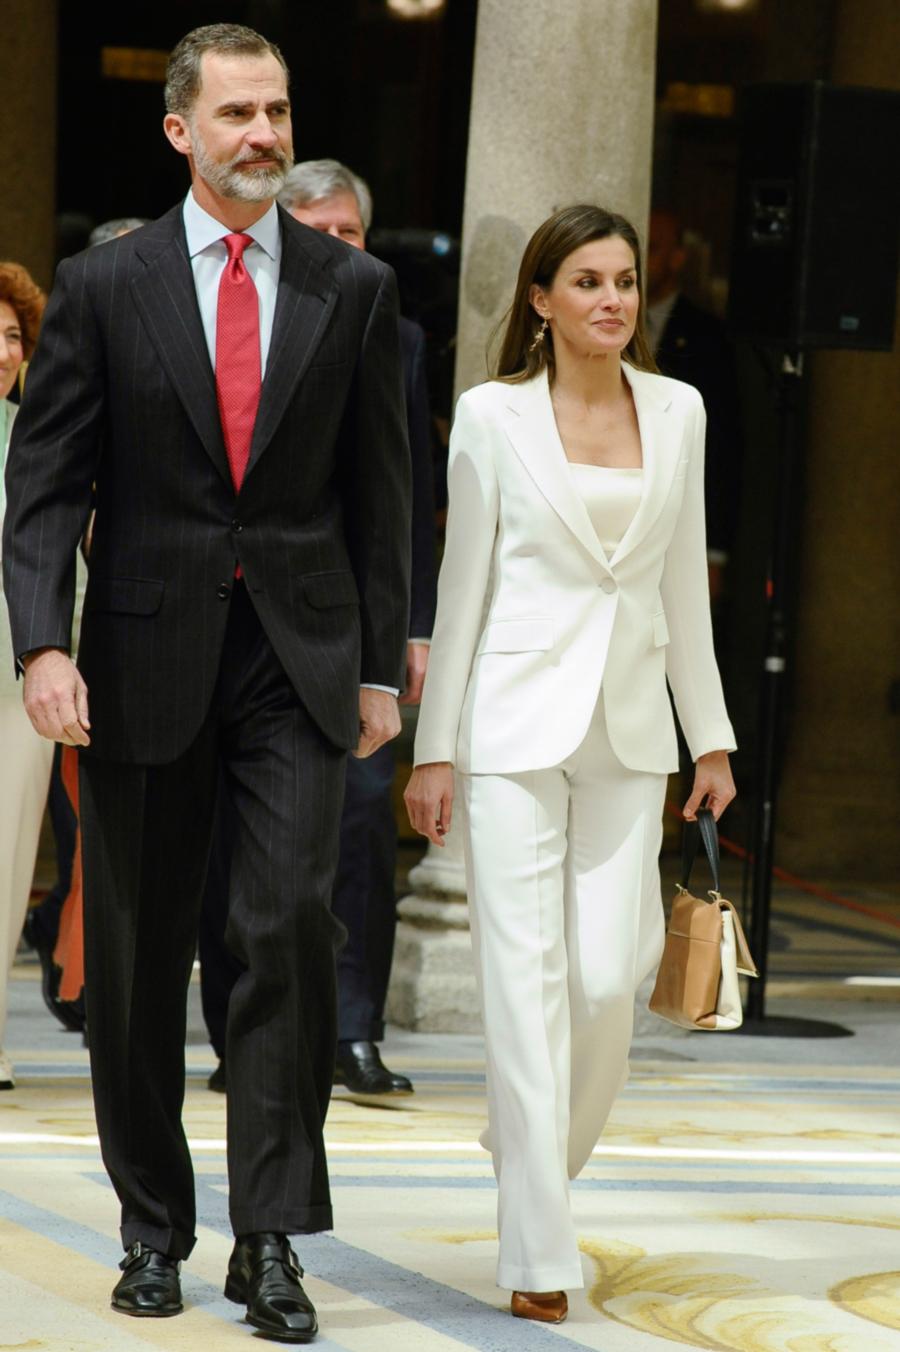 letizia-ortiz-traje-pantalon-blanco-rey. El mensaje de Letizia e8a185305b0